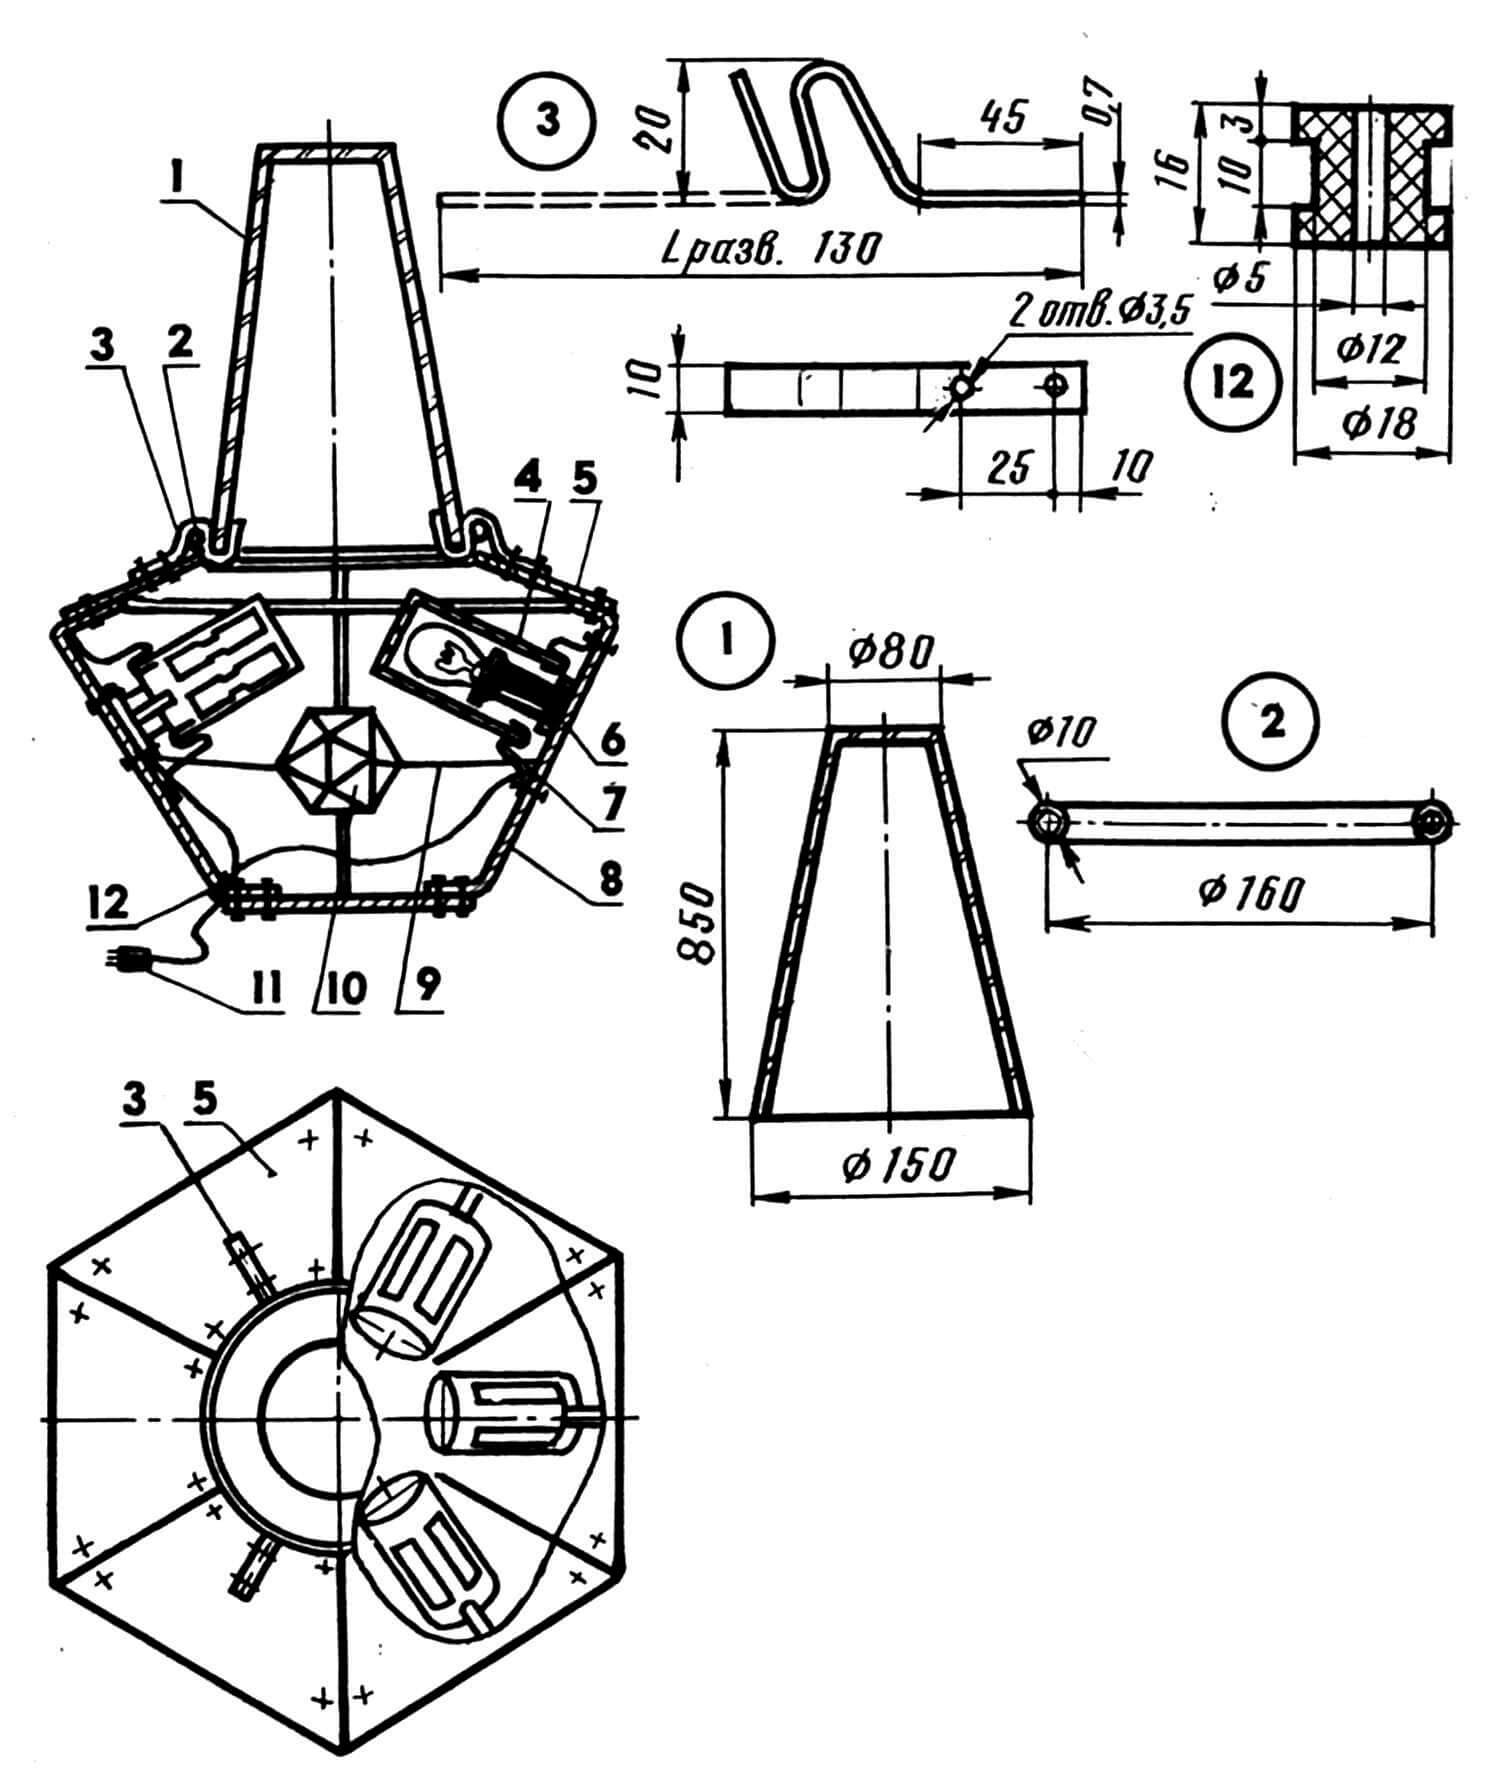 Основные детали светильника: 1 — объемный экран, 2 — кольцо крепления экрана, 3 — хомут крепления экрана, 4 — цветной фильтр, 5 — крышка светильника, 6 — патрон лампы, 7 — провод, 8 — основание, 9 — леска, 10 — зеркальный многогранник, 11 — вилка разъема, 12 — резиновая муфта шнура.